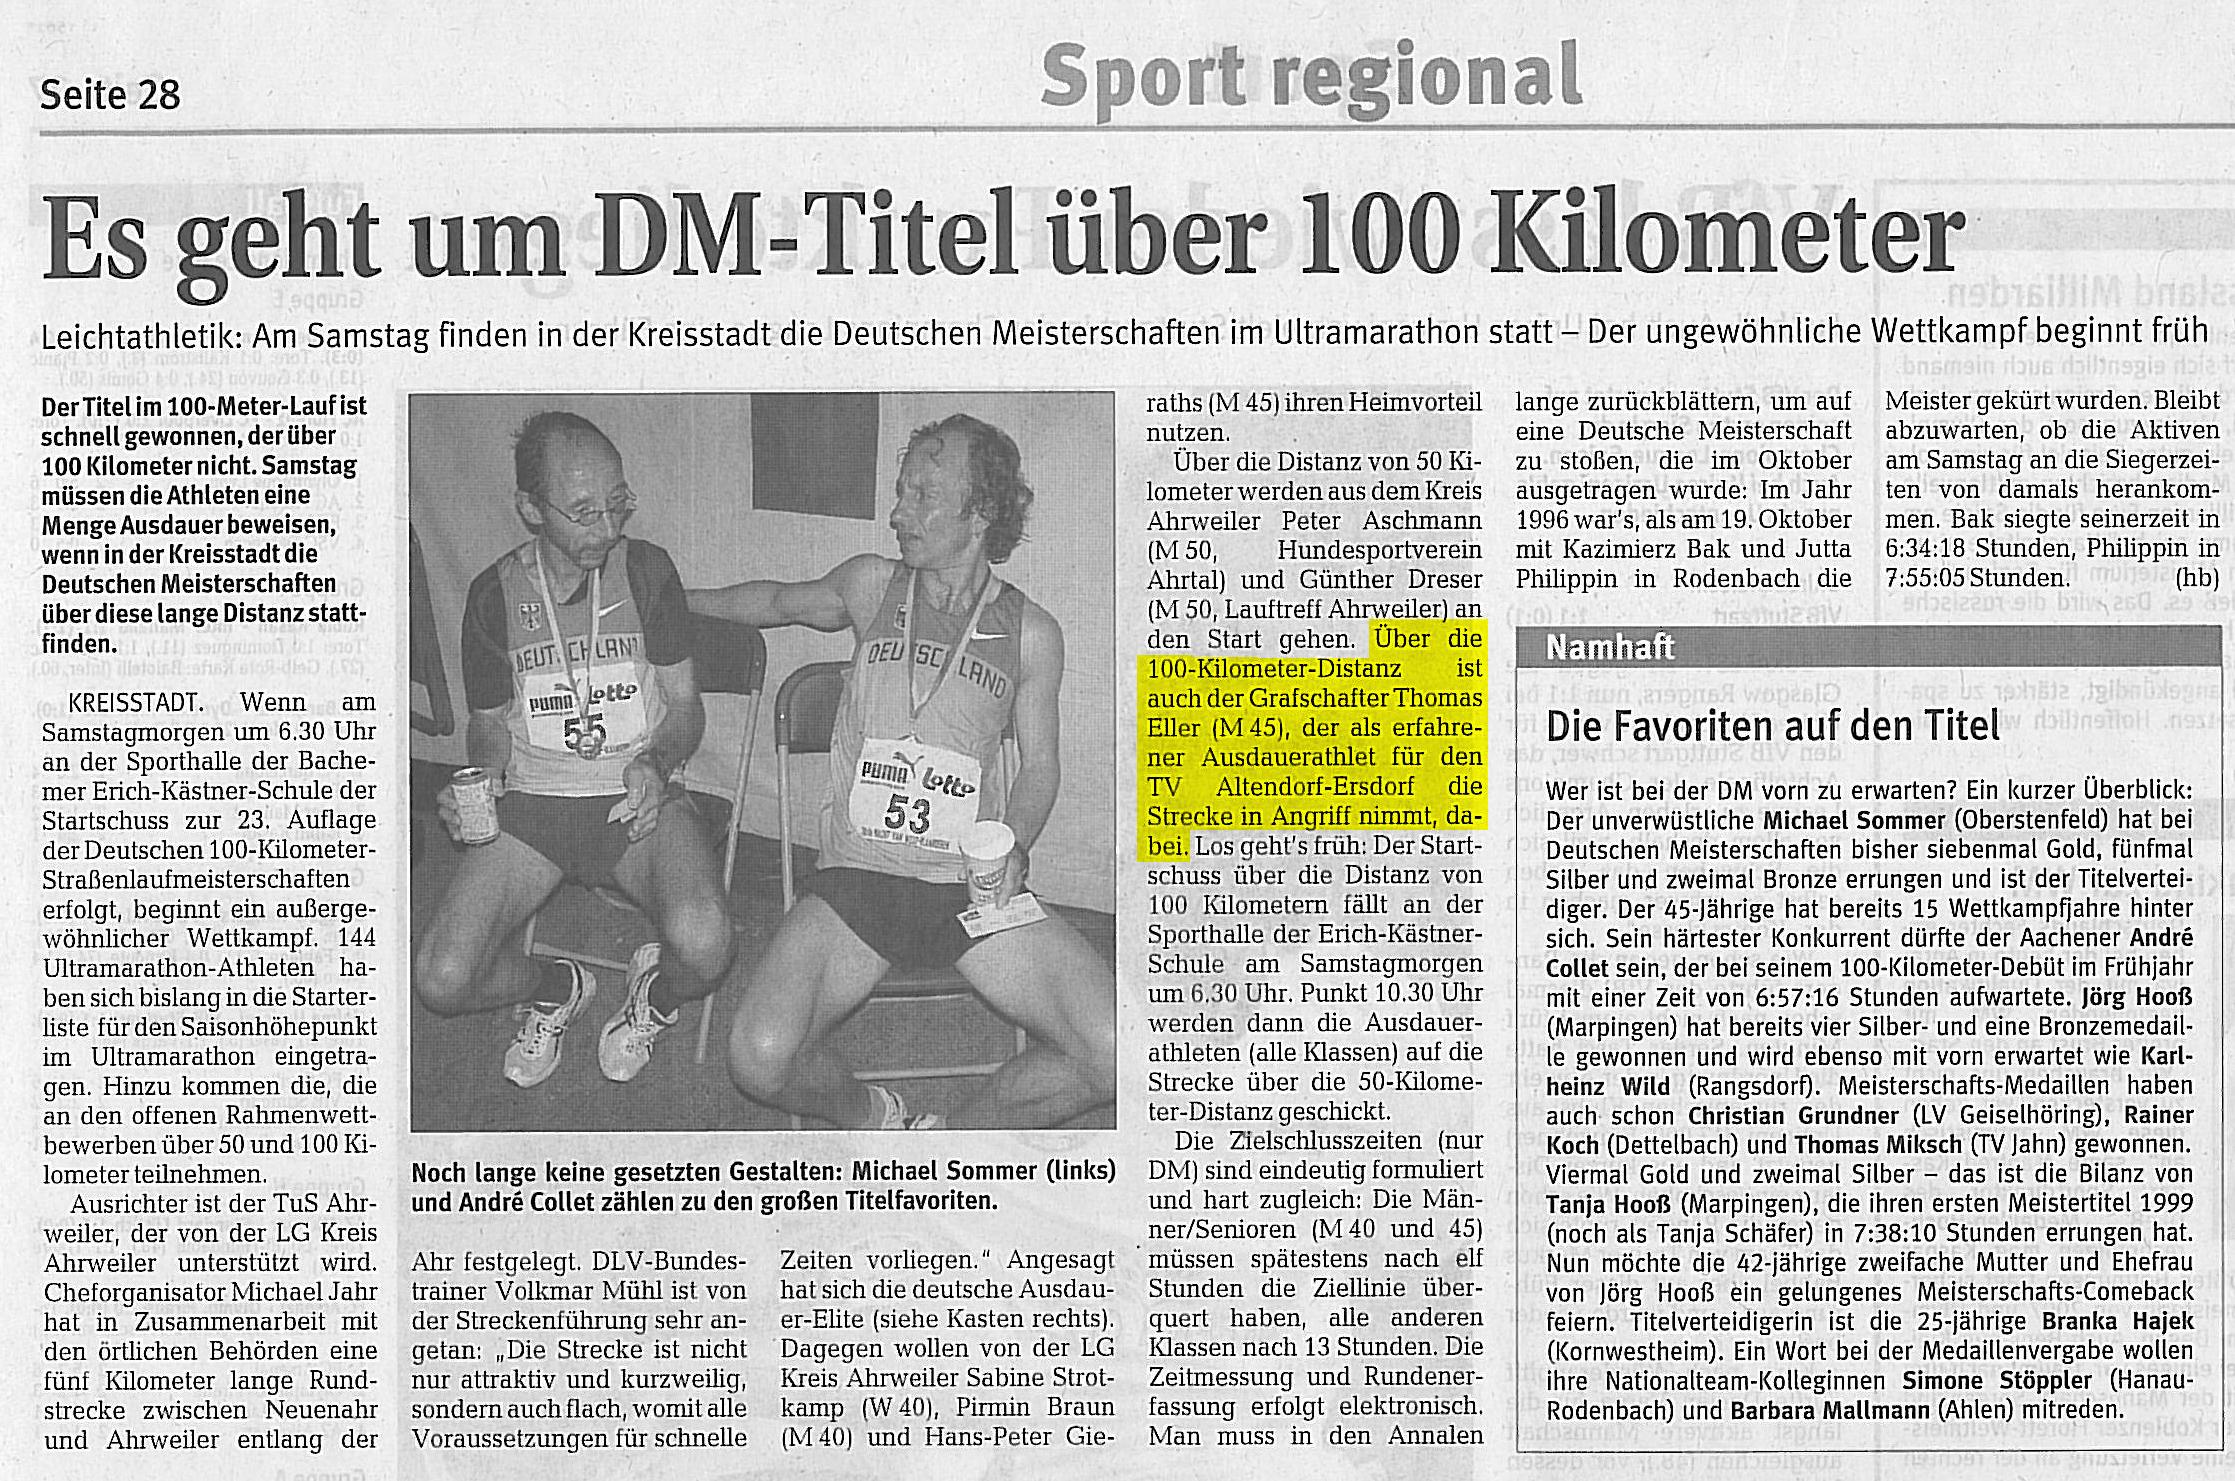 Deutsche Meisterschaft im 100km-Staßenlauf in Bad Neuenahr-Ahrweiler